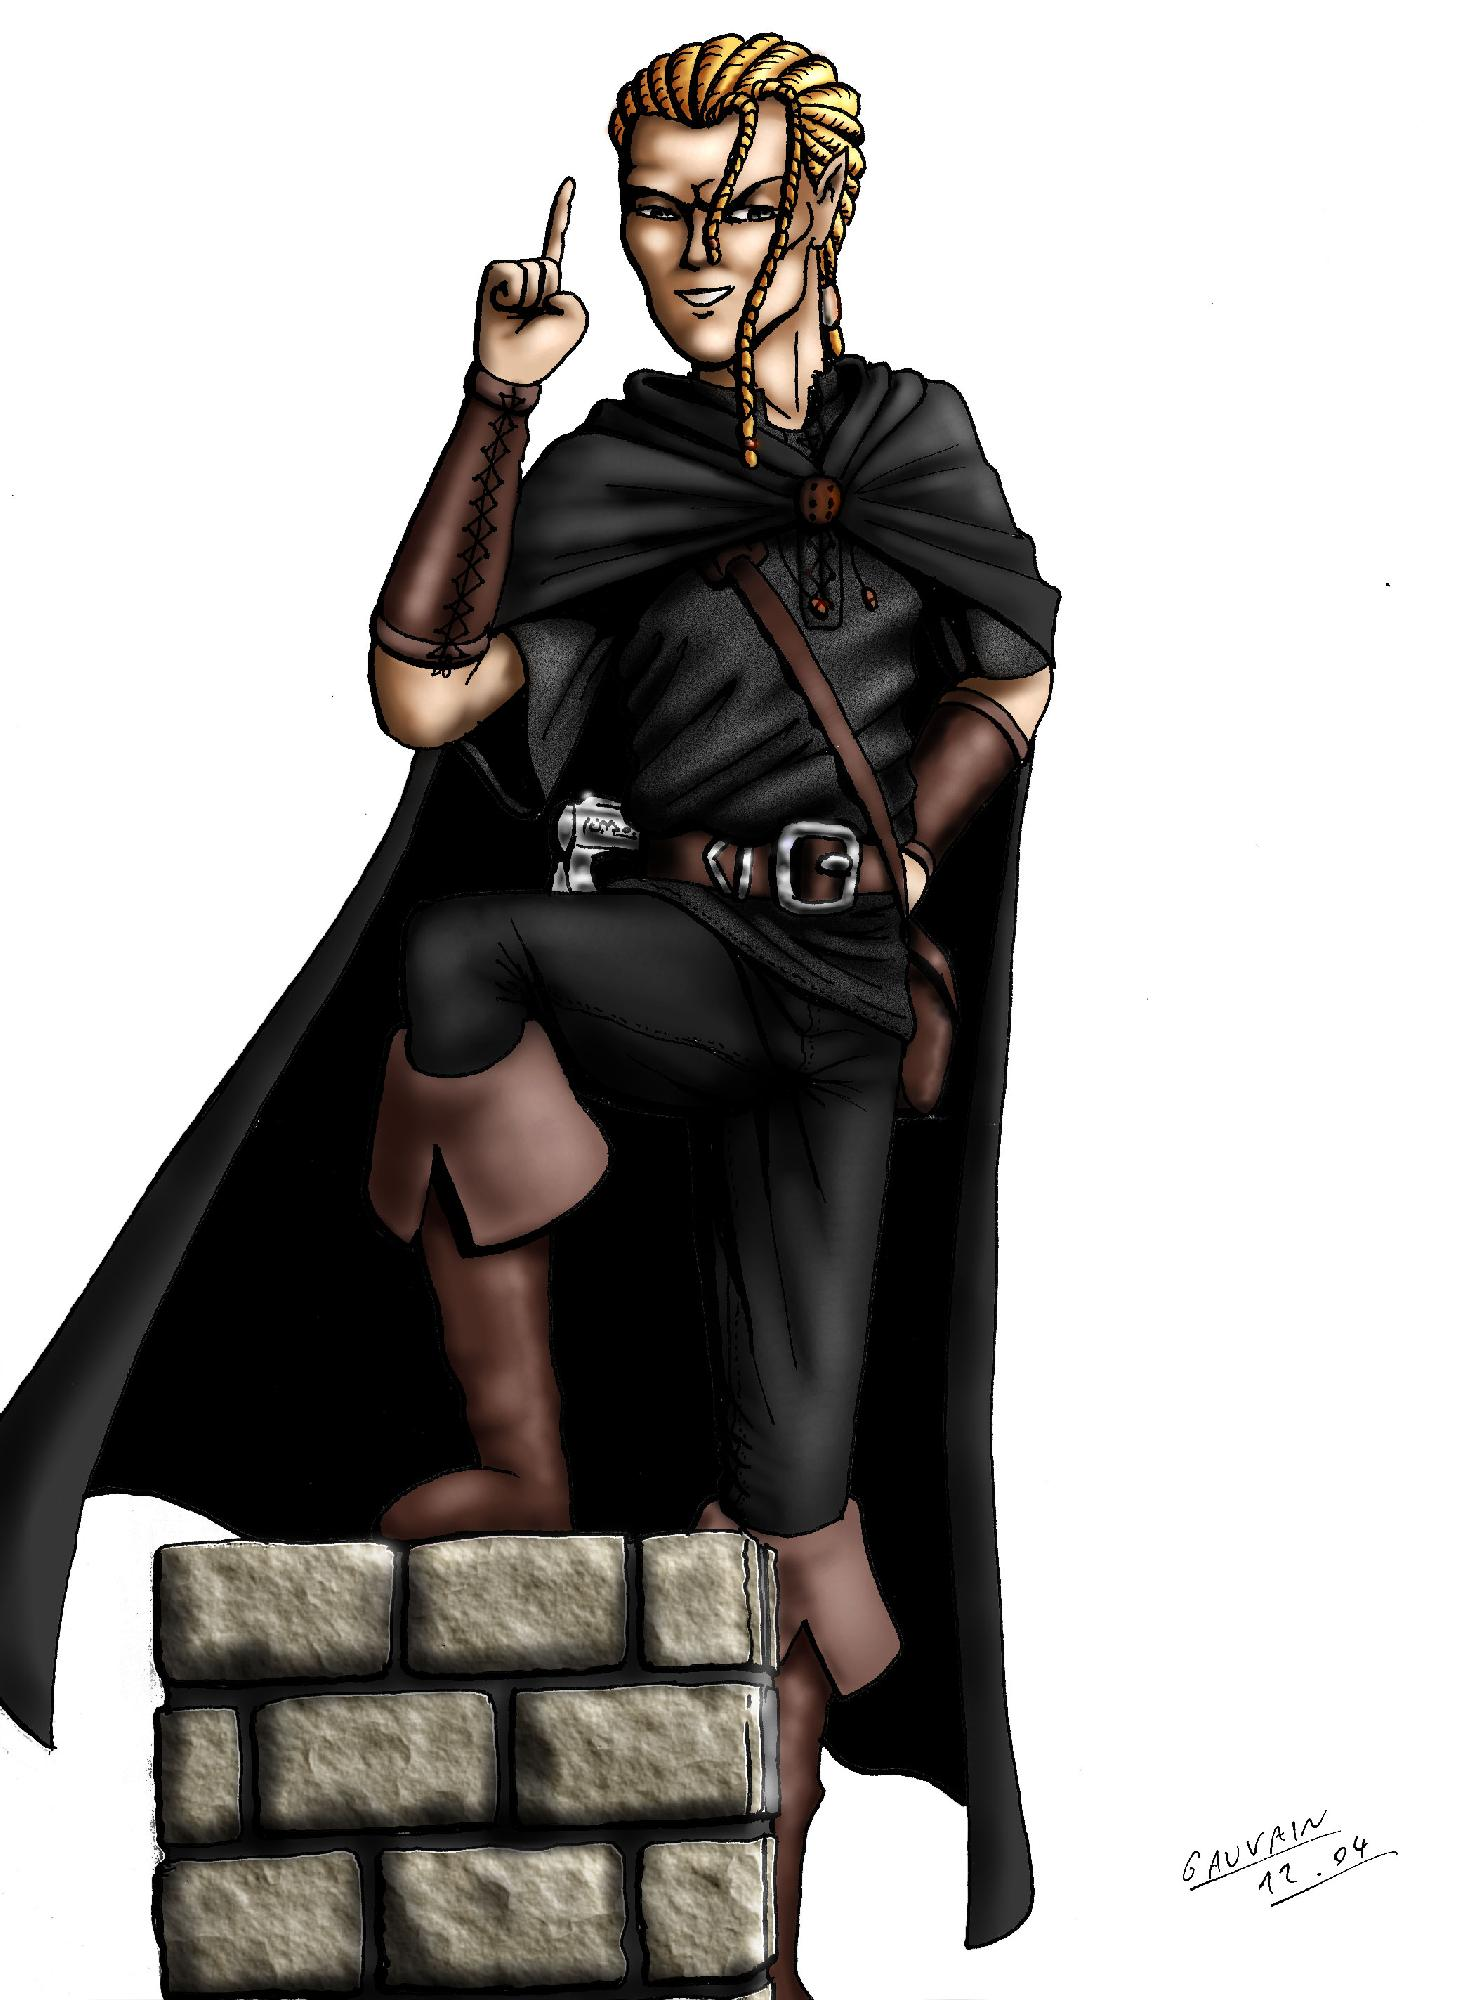 Fugitifs : Dessins des personnages joueurs Image5c811b3d6a51d